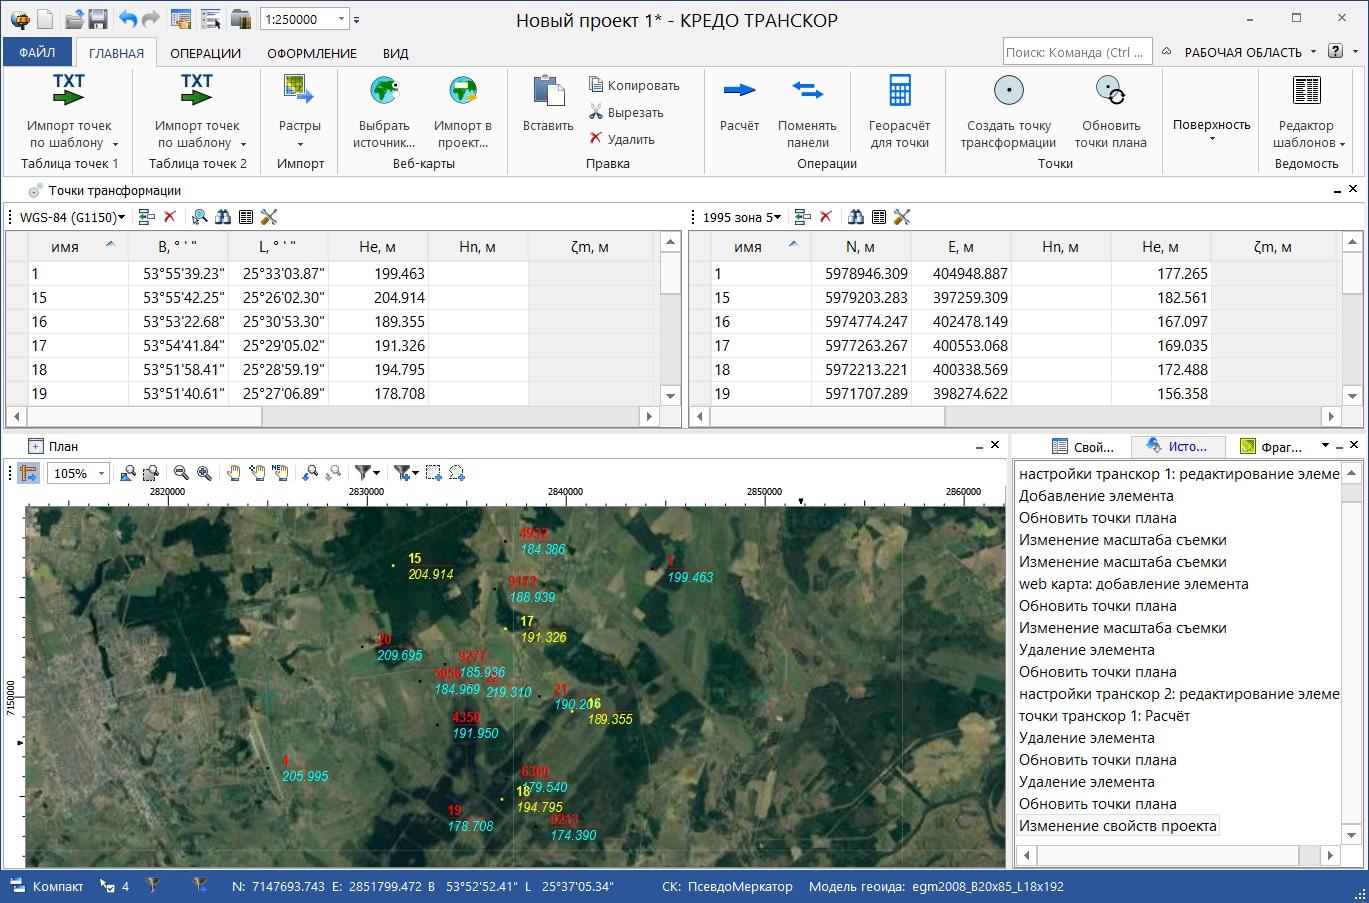 Отображение web-карты в графическом окне плана ТРАНСКОР